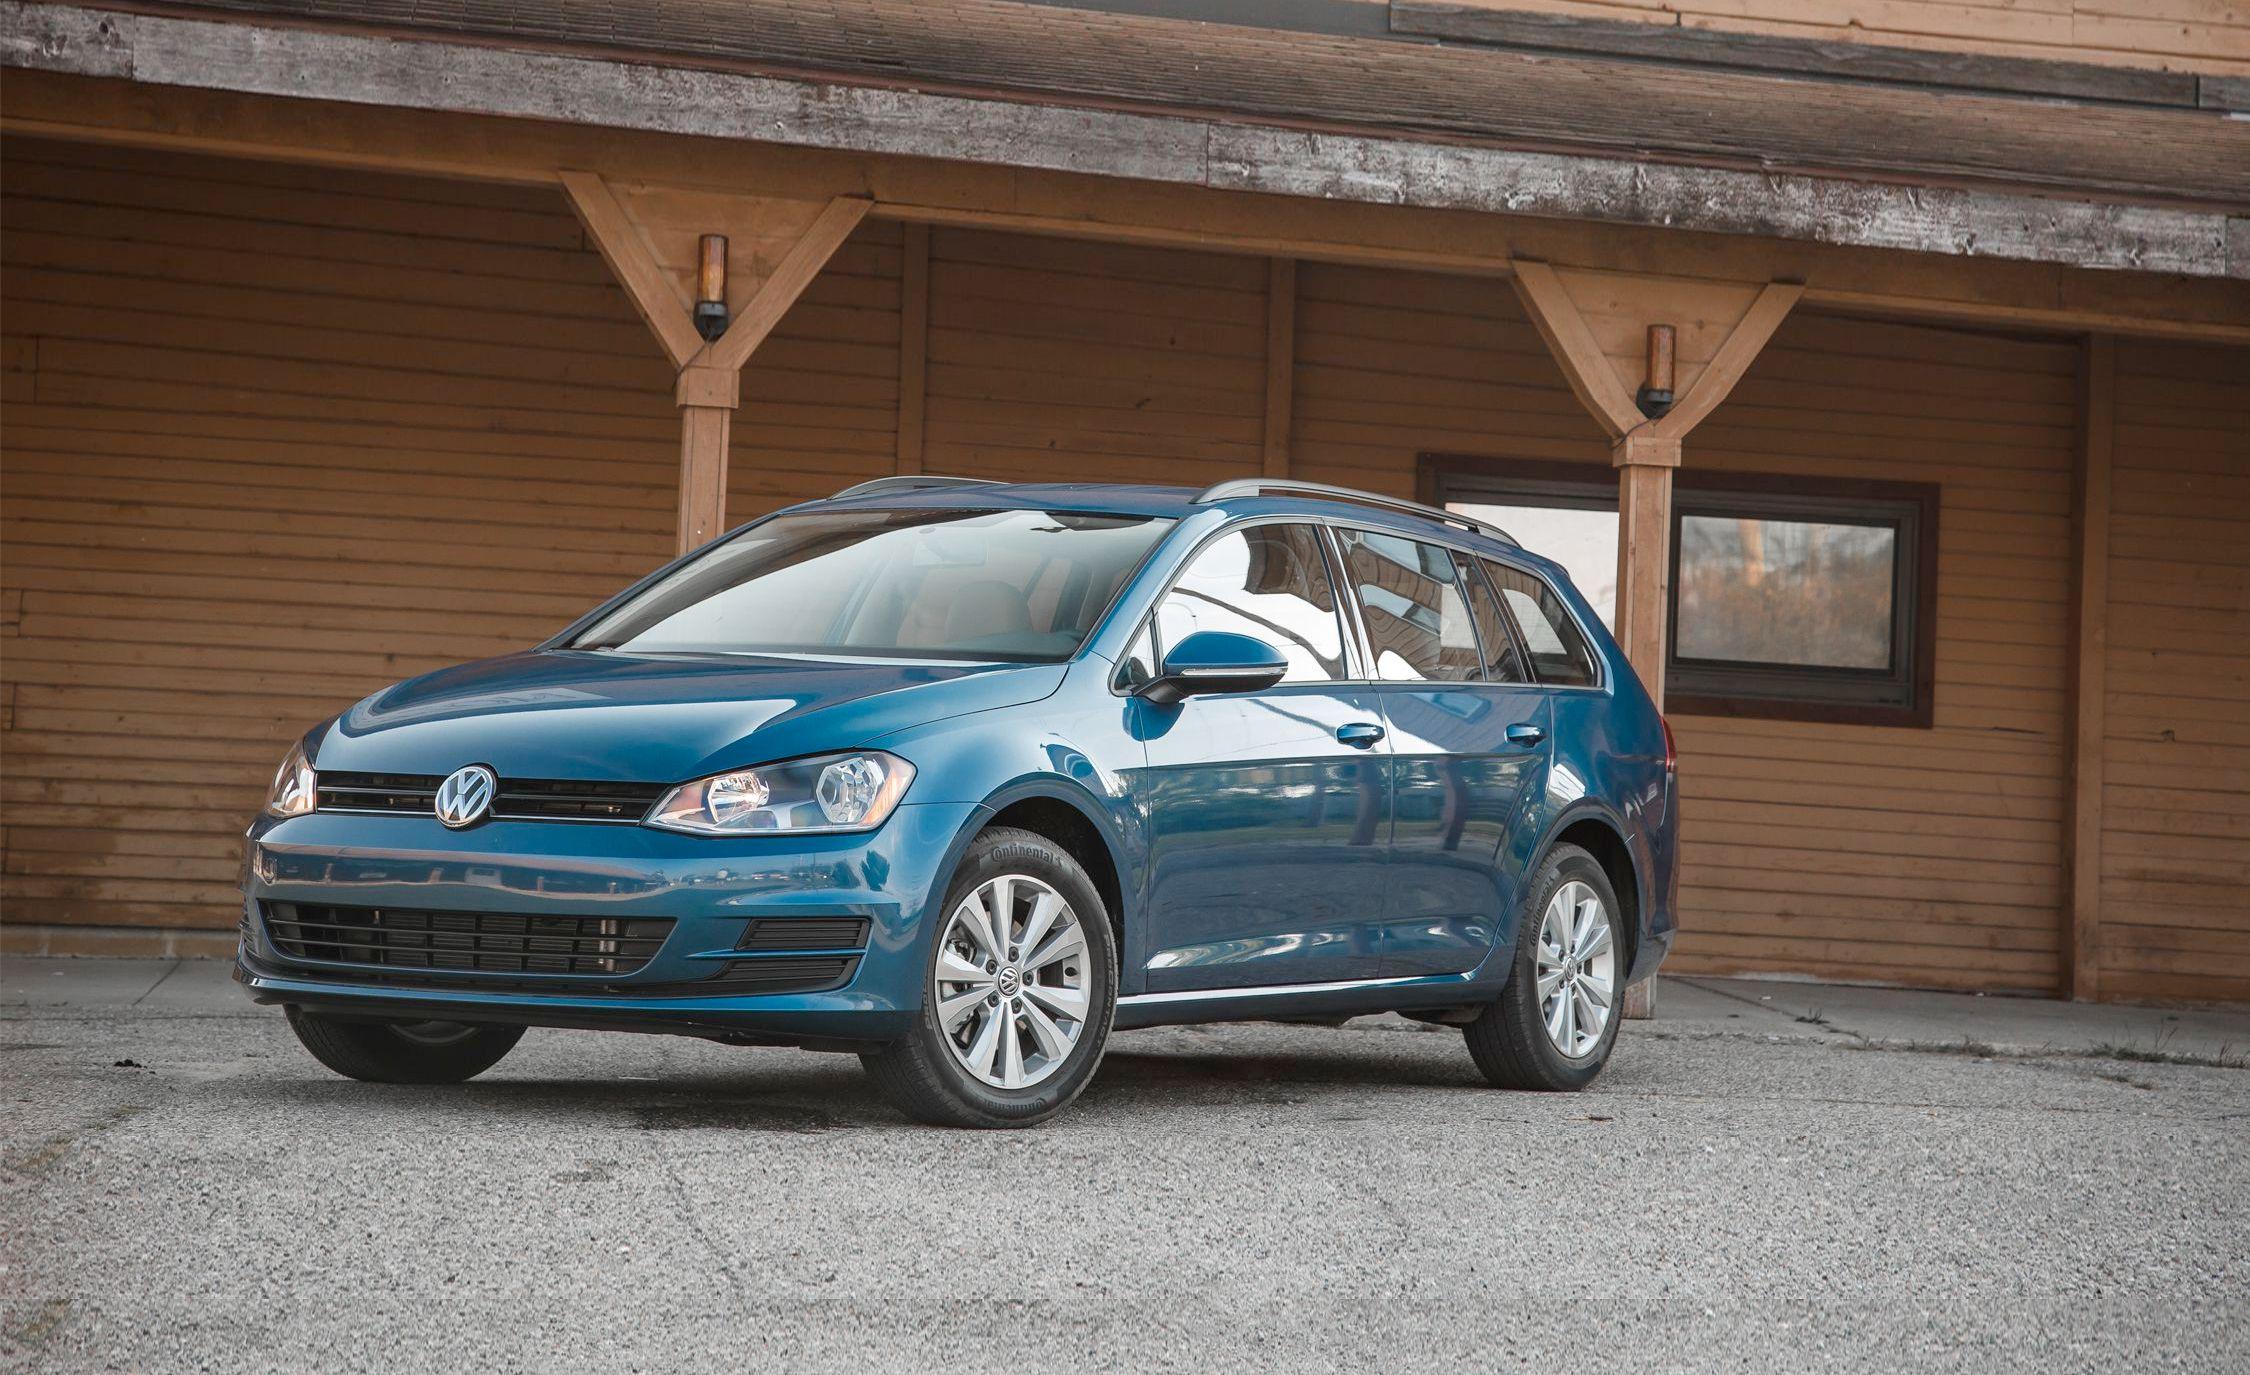 golf first wagon rear look show volkswagen en three news quarter geneva motor